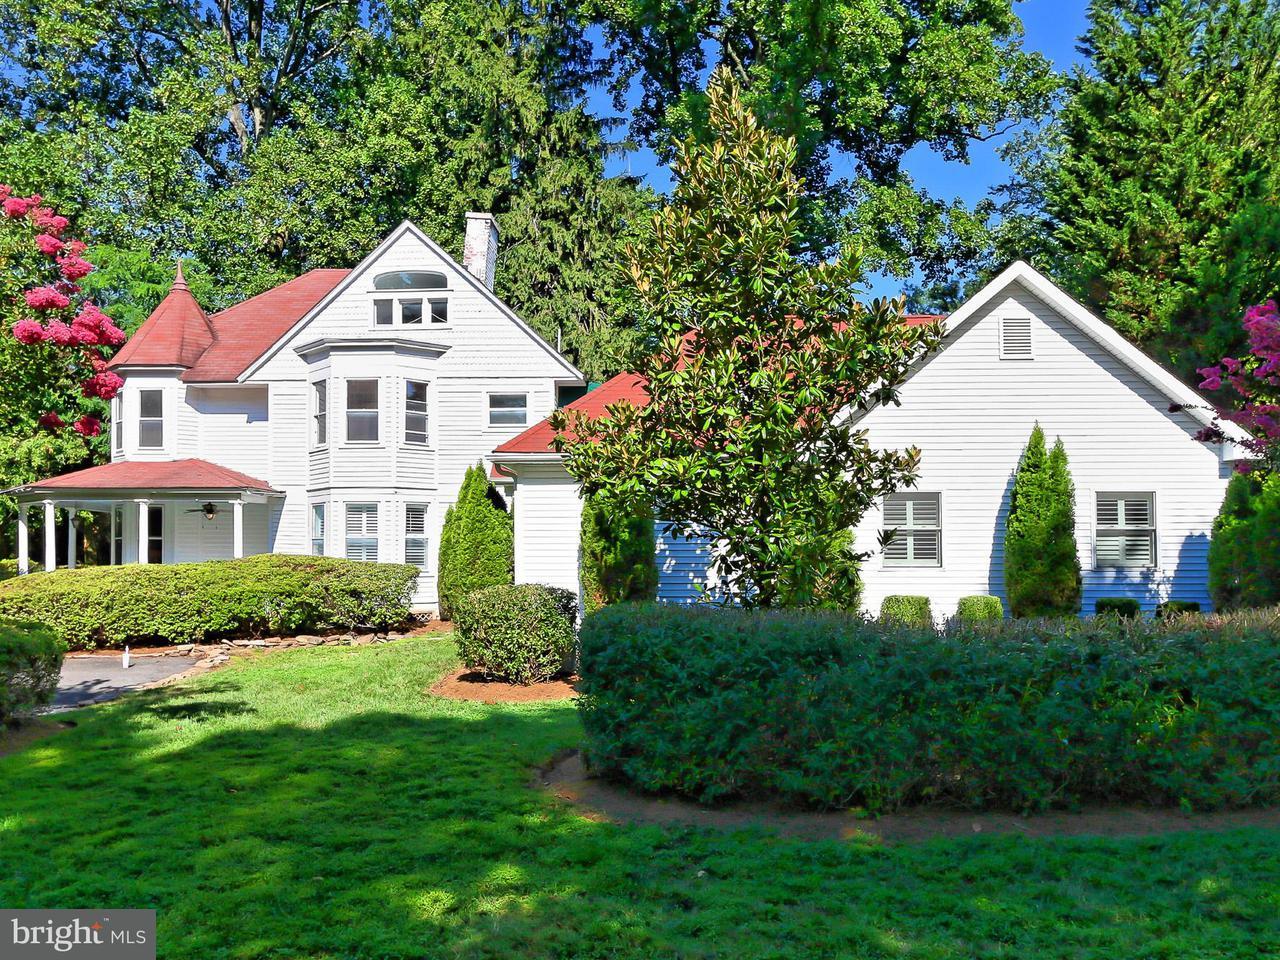 Casa Unifamiliar por un Venta en 2420 Sandburg Street 2420 Sandburg Street Dunn Loring, Virginia 22027 Estados Unidos